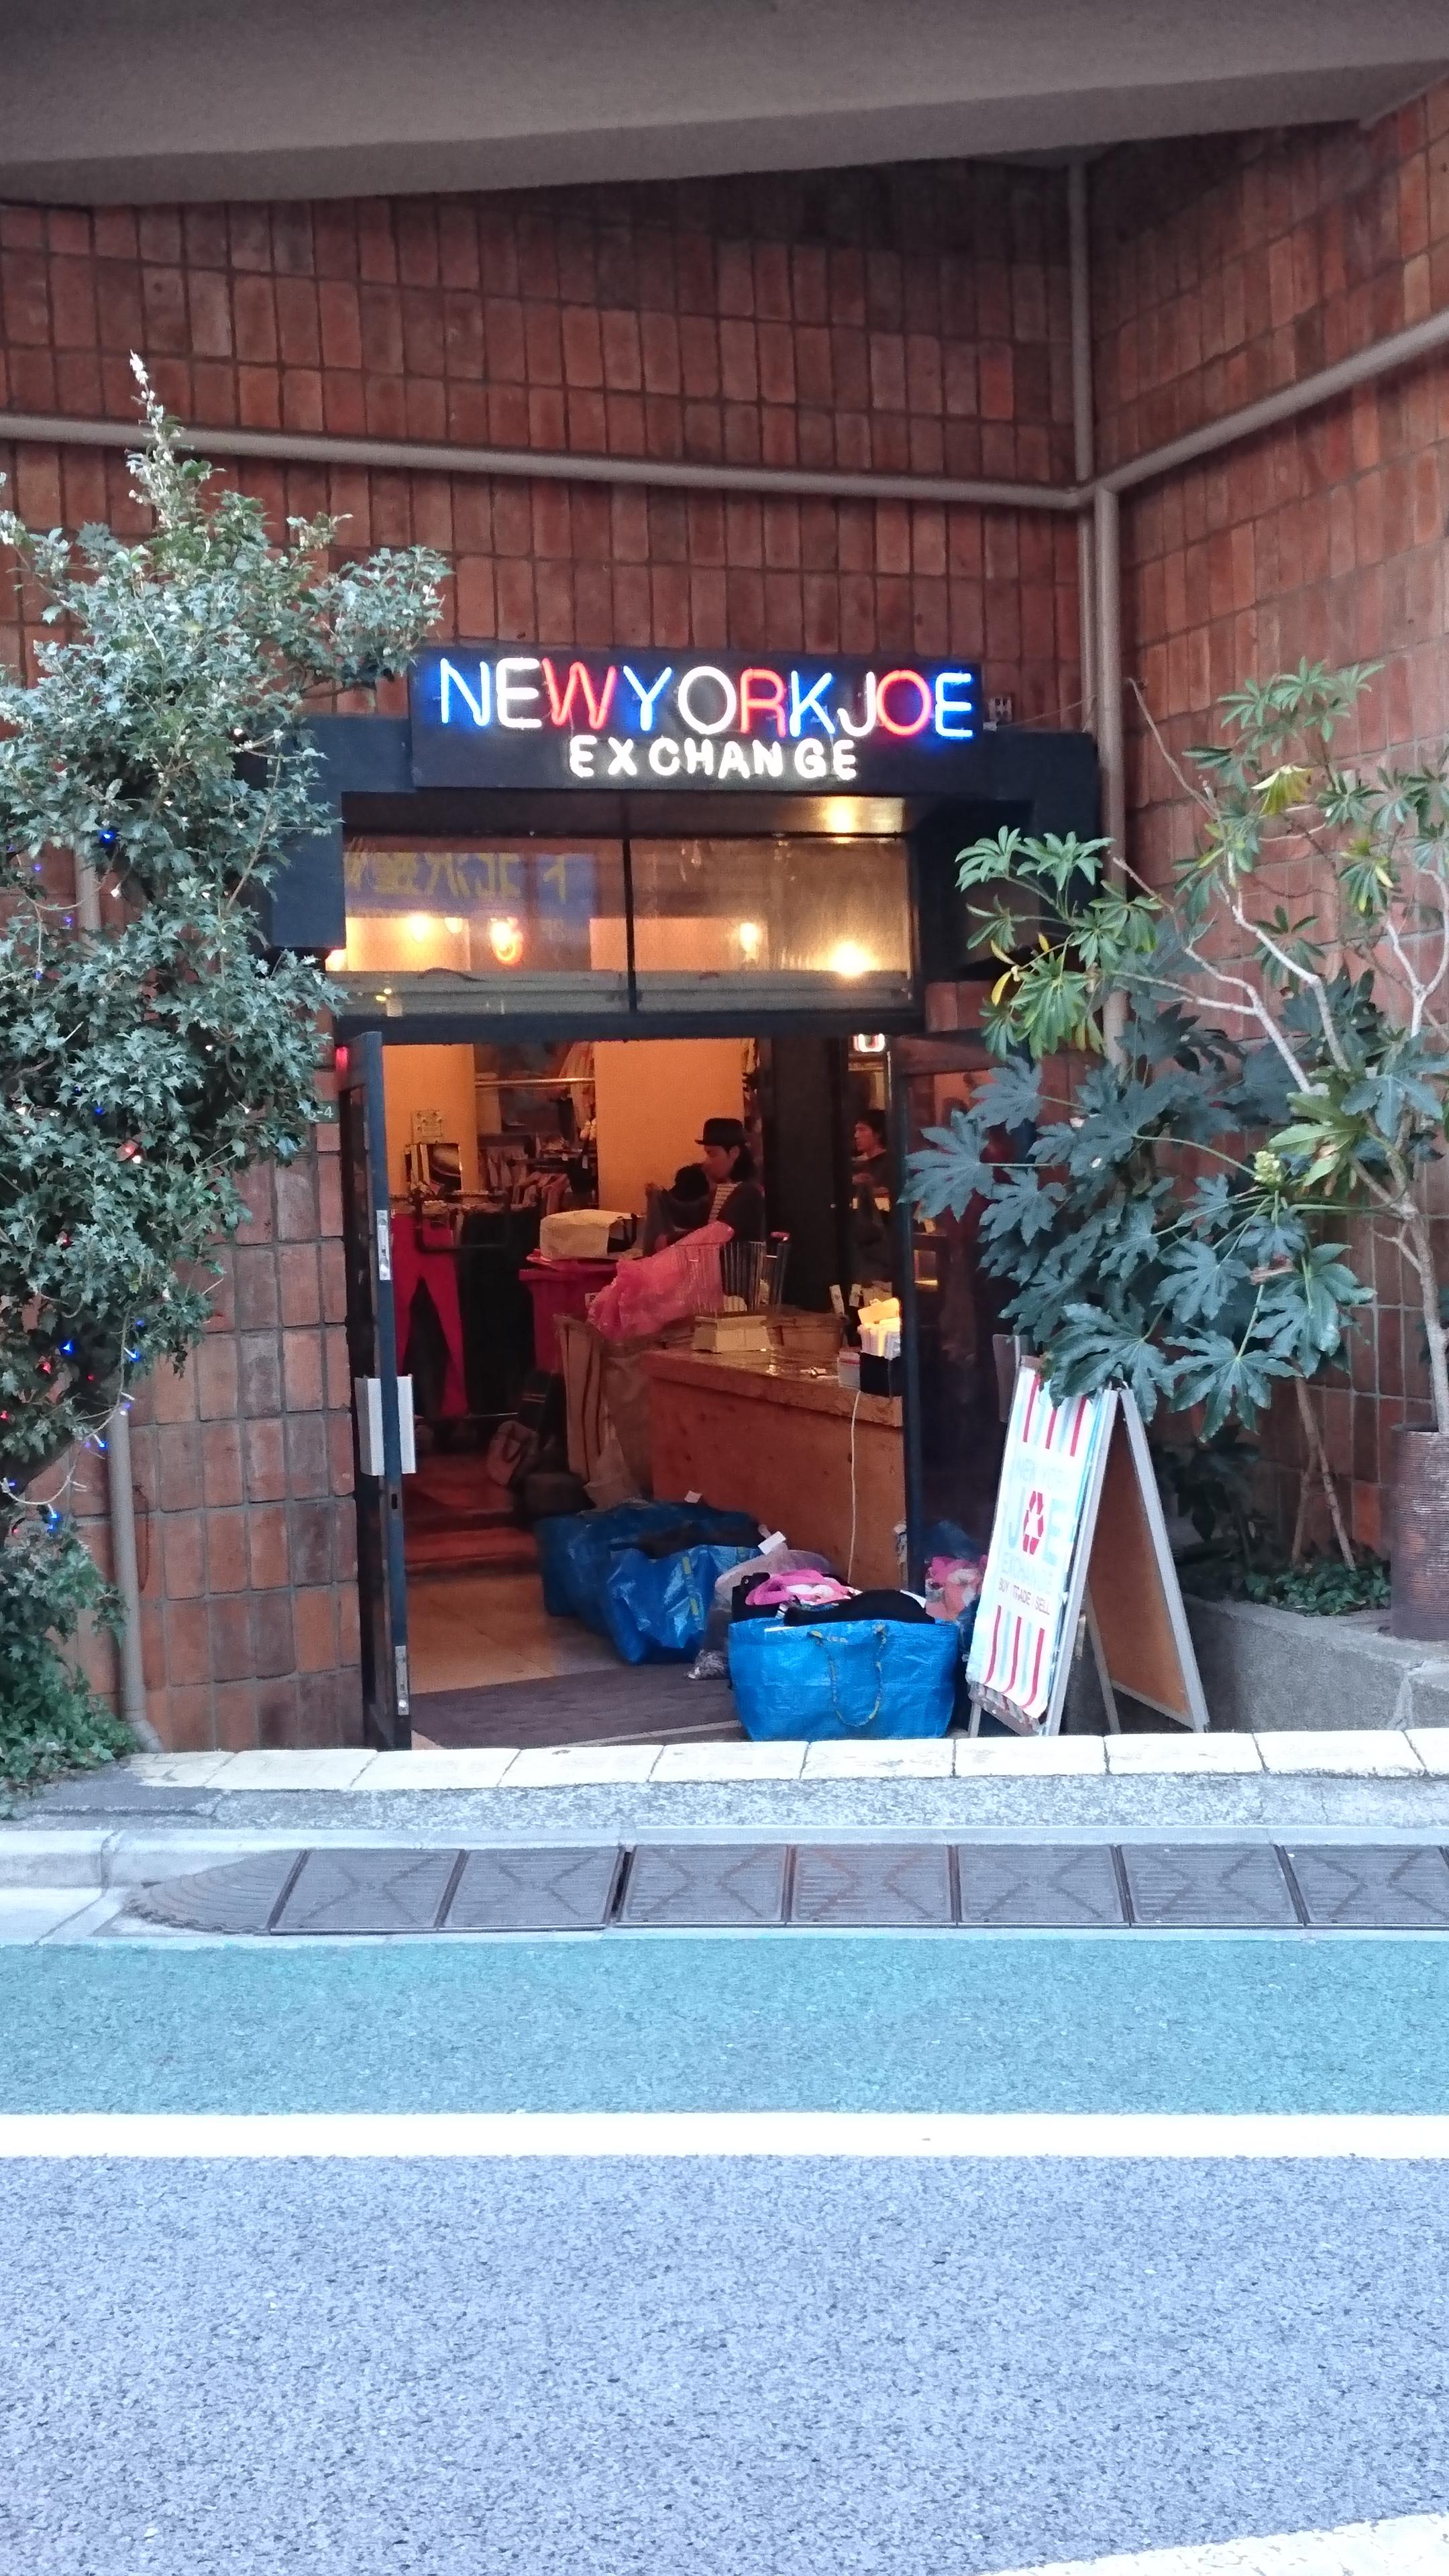 new york joe exchange下北沢店 ニューヨークジョーエクスチェンジ